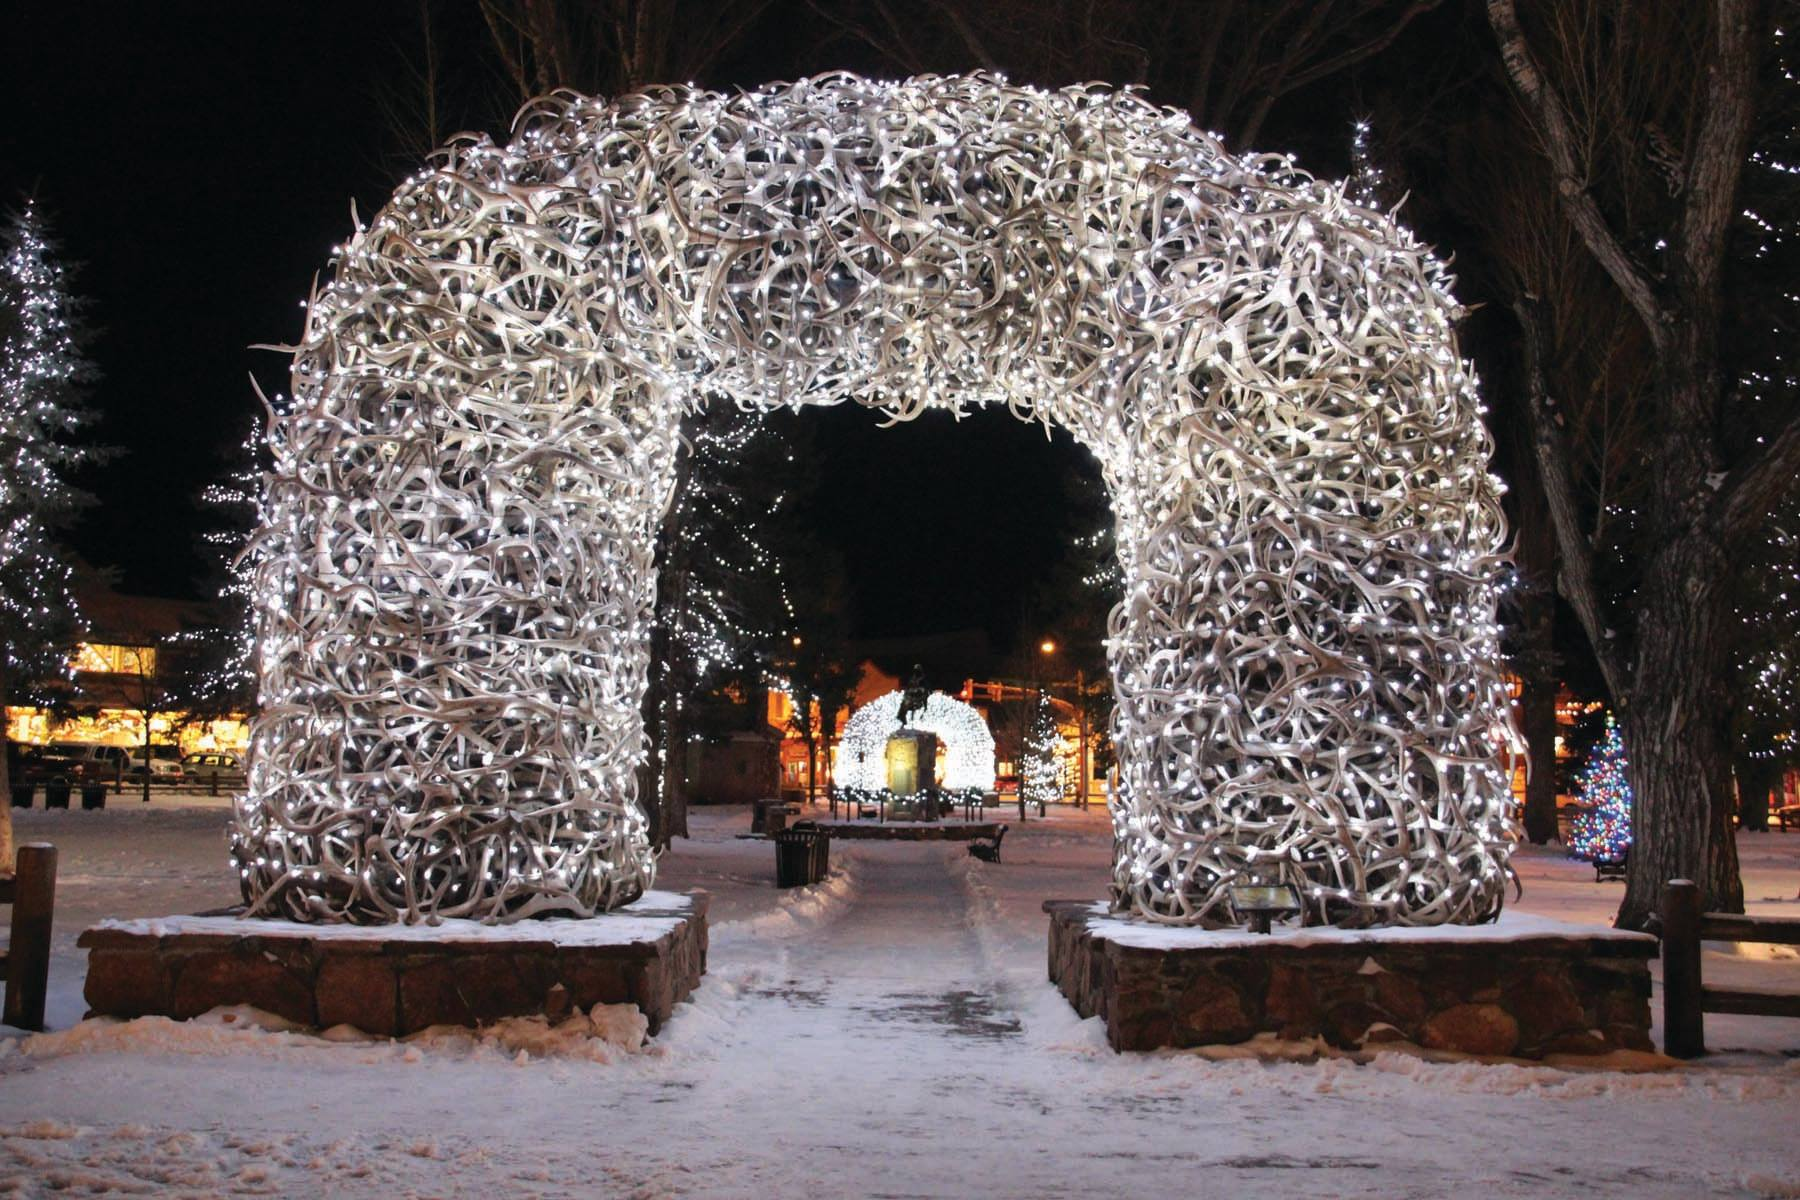 Jackson Hole Holiday Events Amp Celebrations 2015